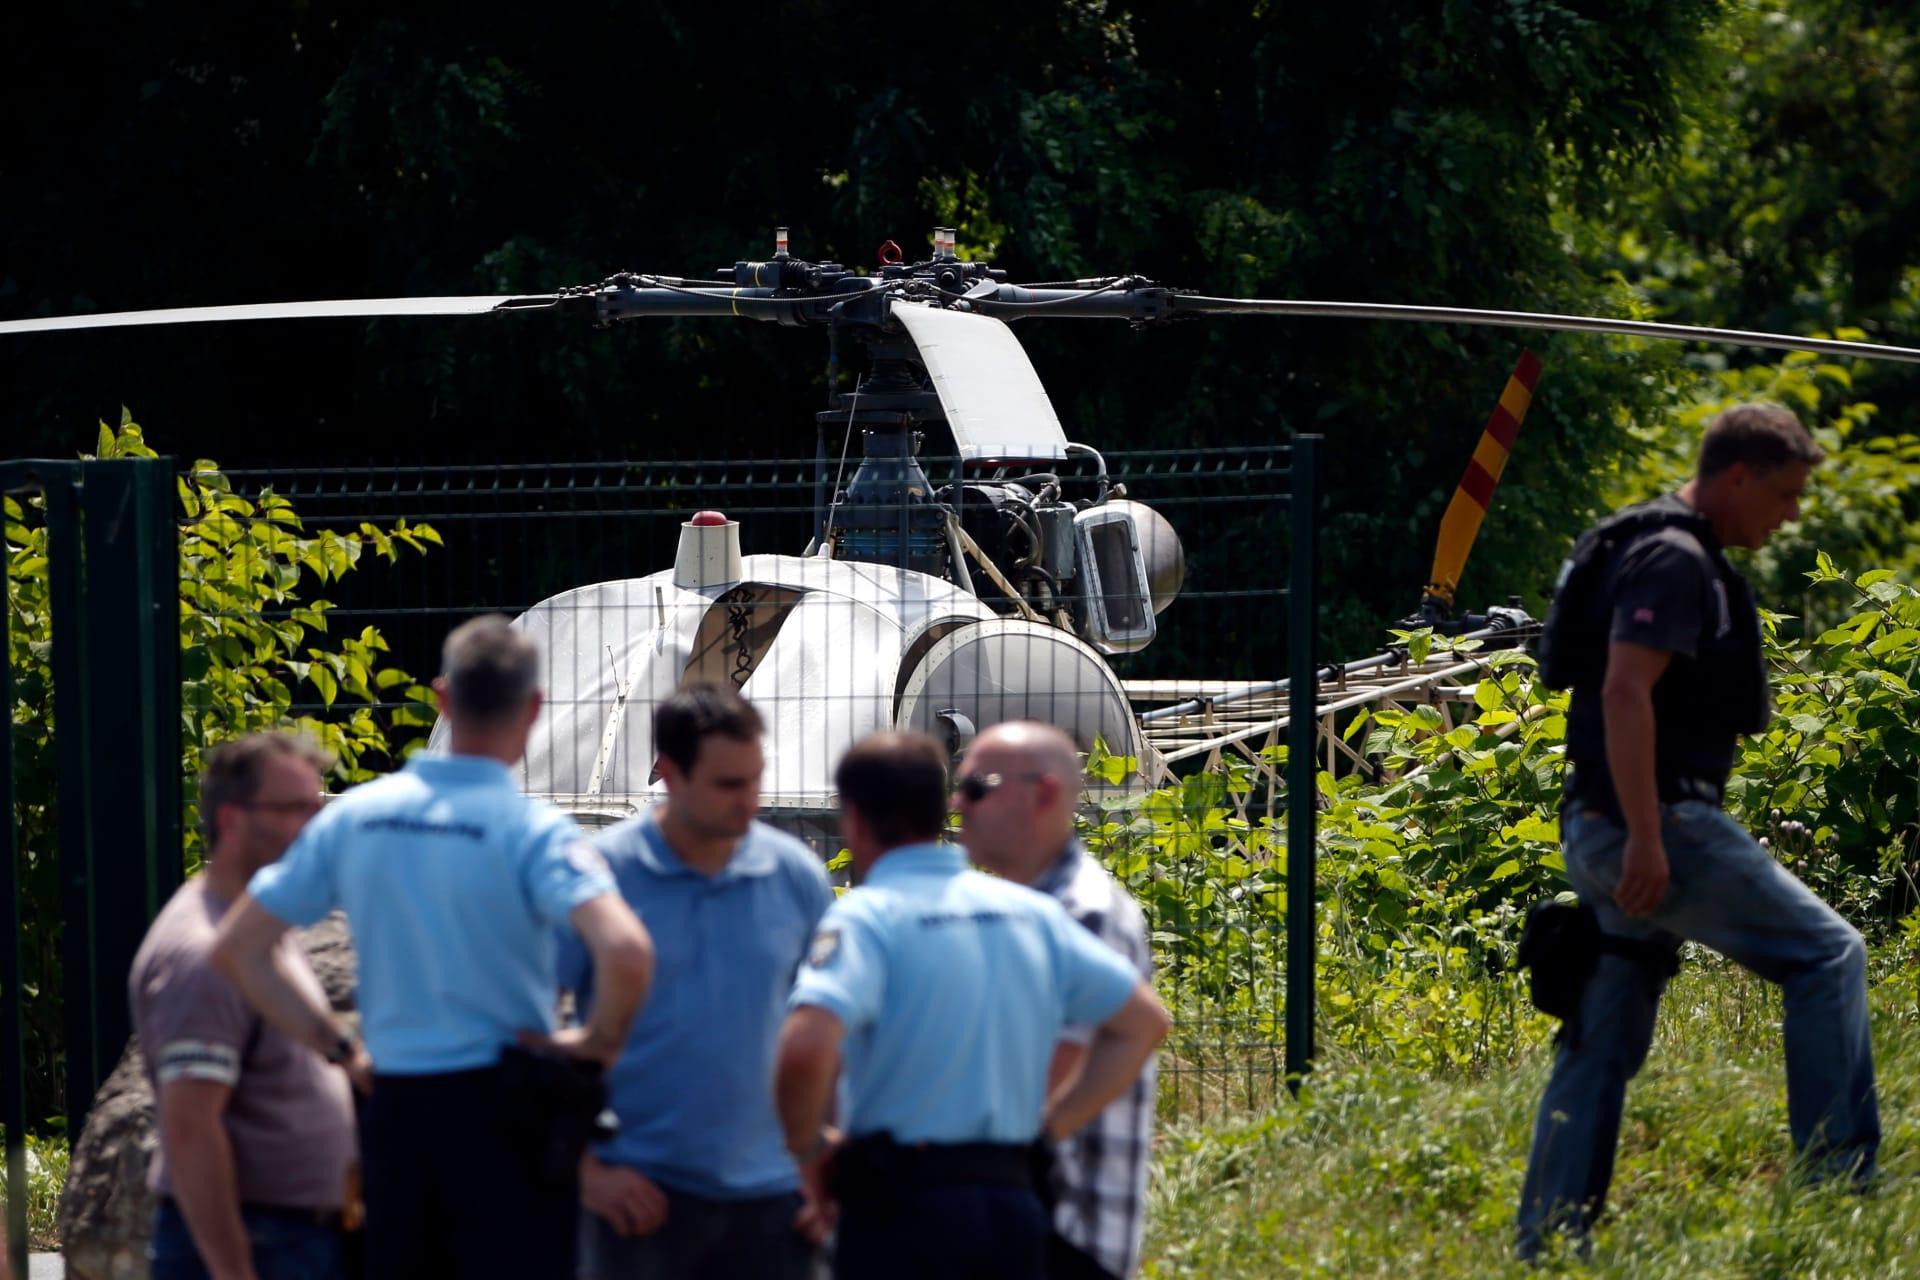 هروب سجين فرنسي بطائرة مروحية مختطفة.. والشرطة تلاحقه